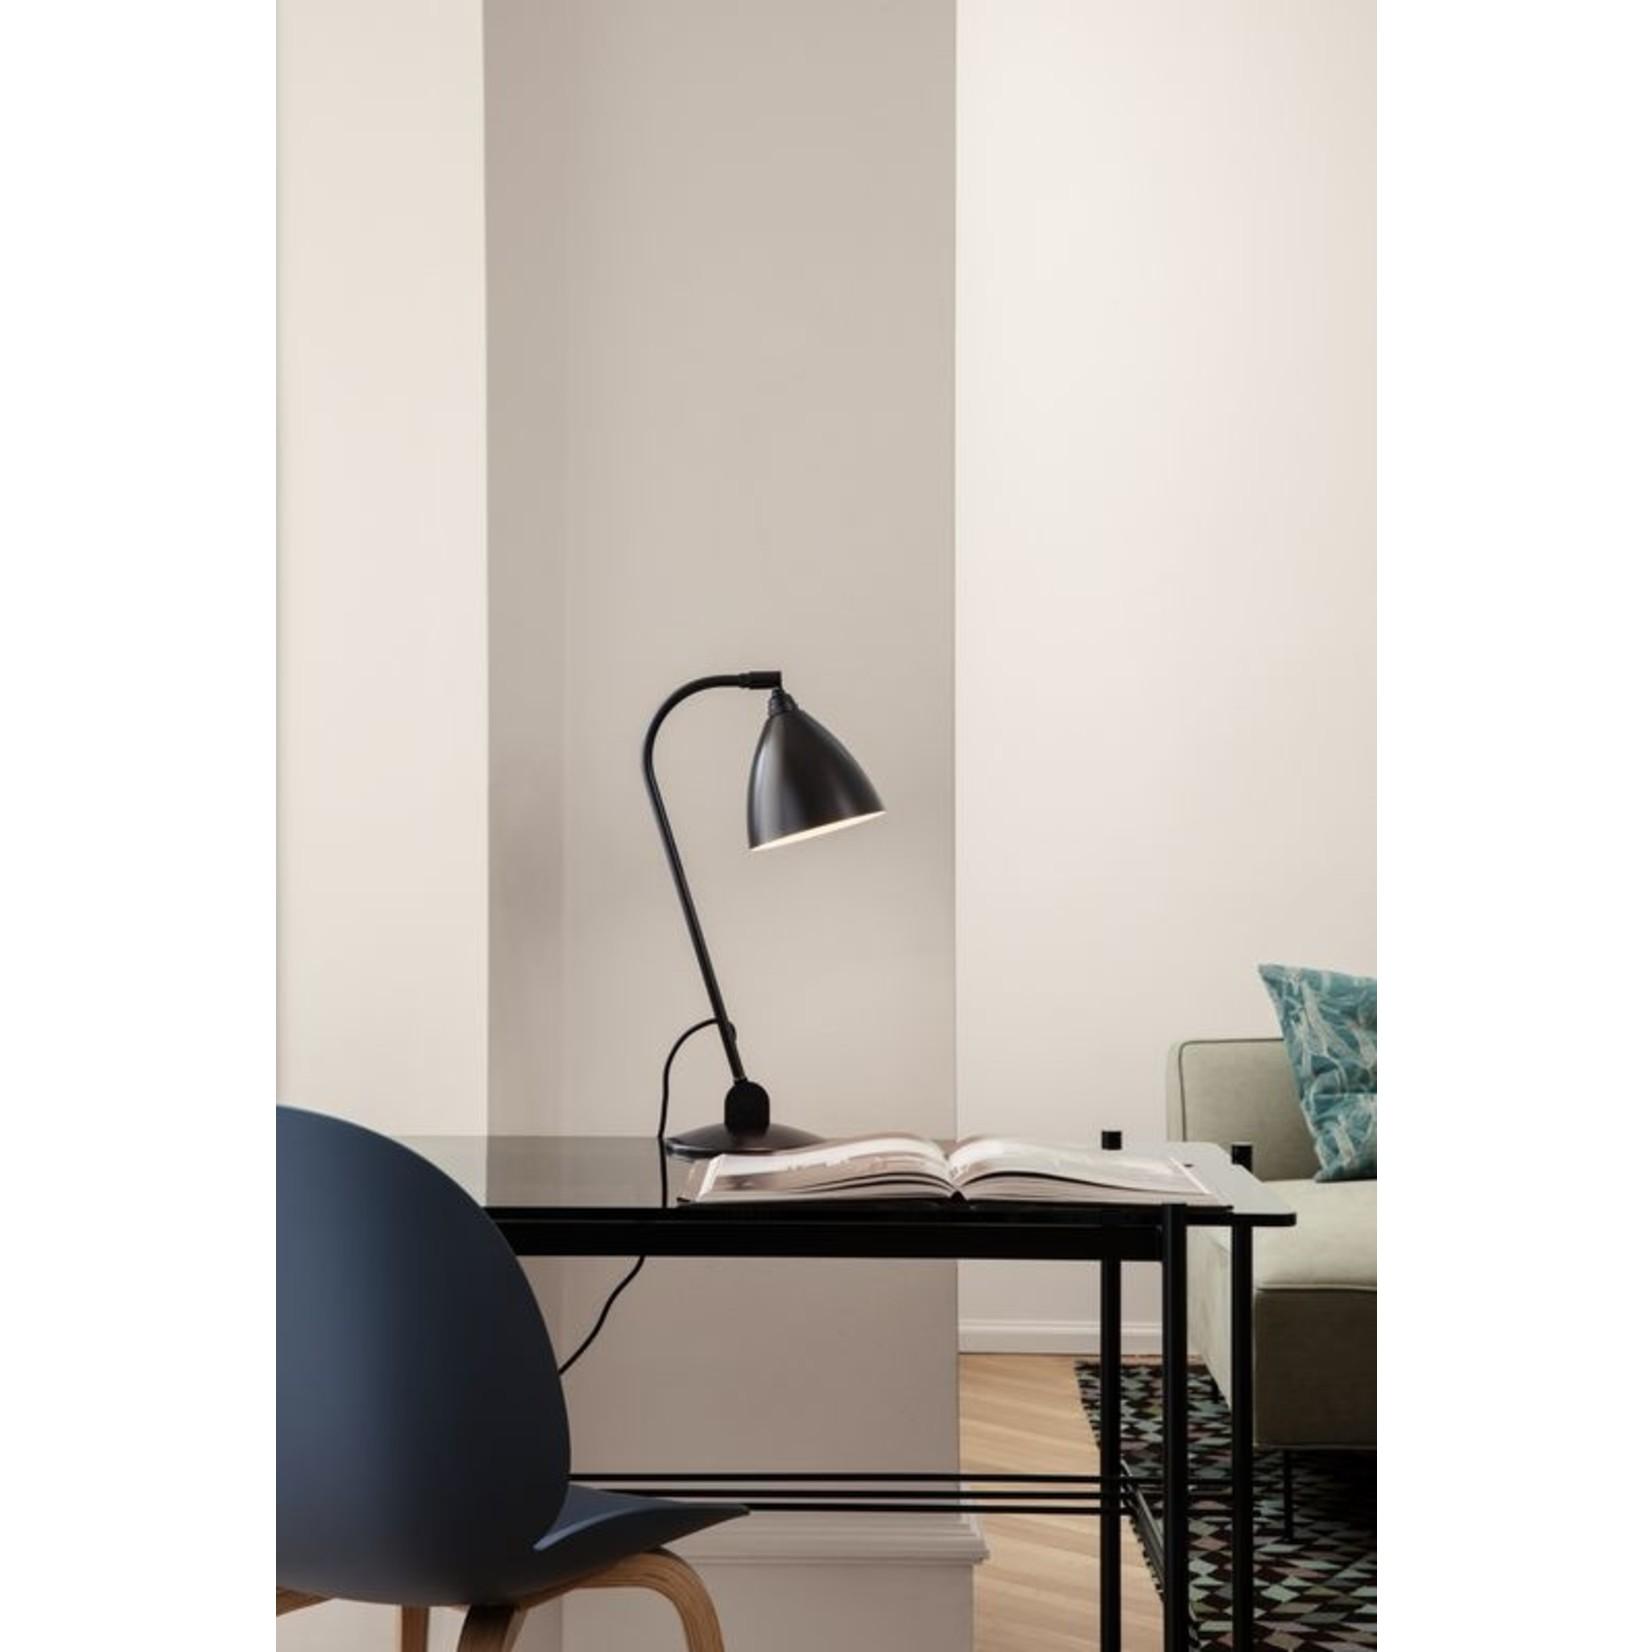 Gubi Lampe de table BL2 - Ø16 | Base en laiton noir et abat-jour en laiton noir